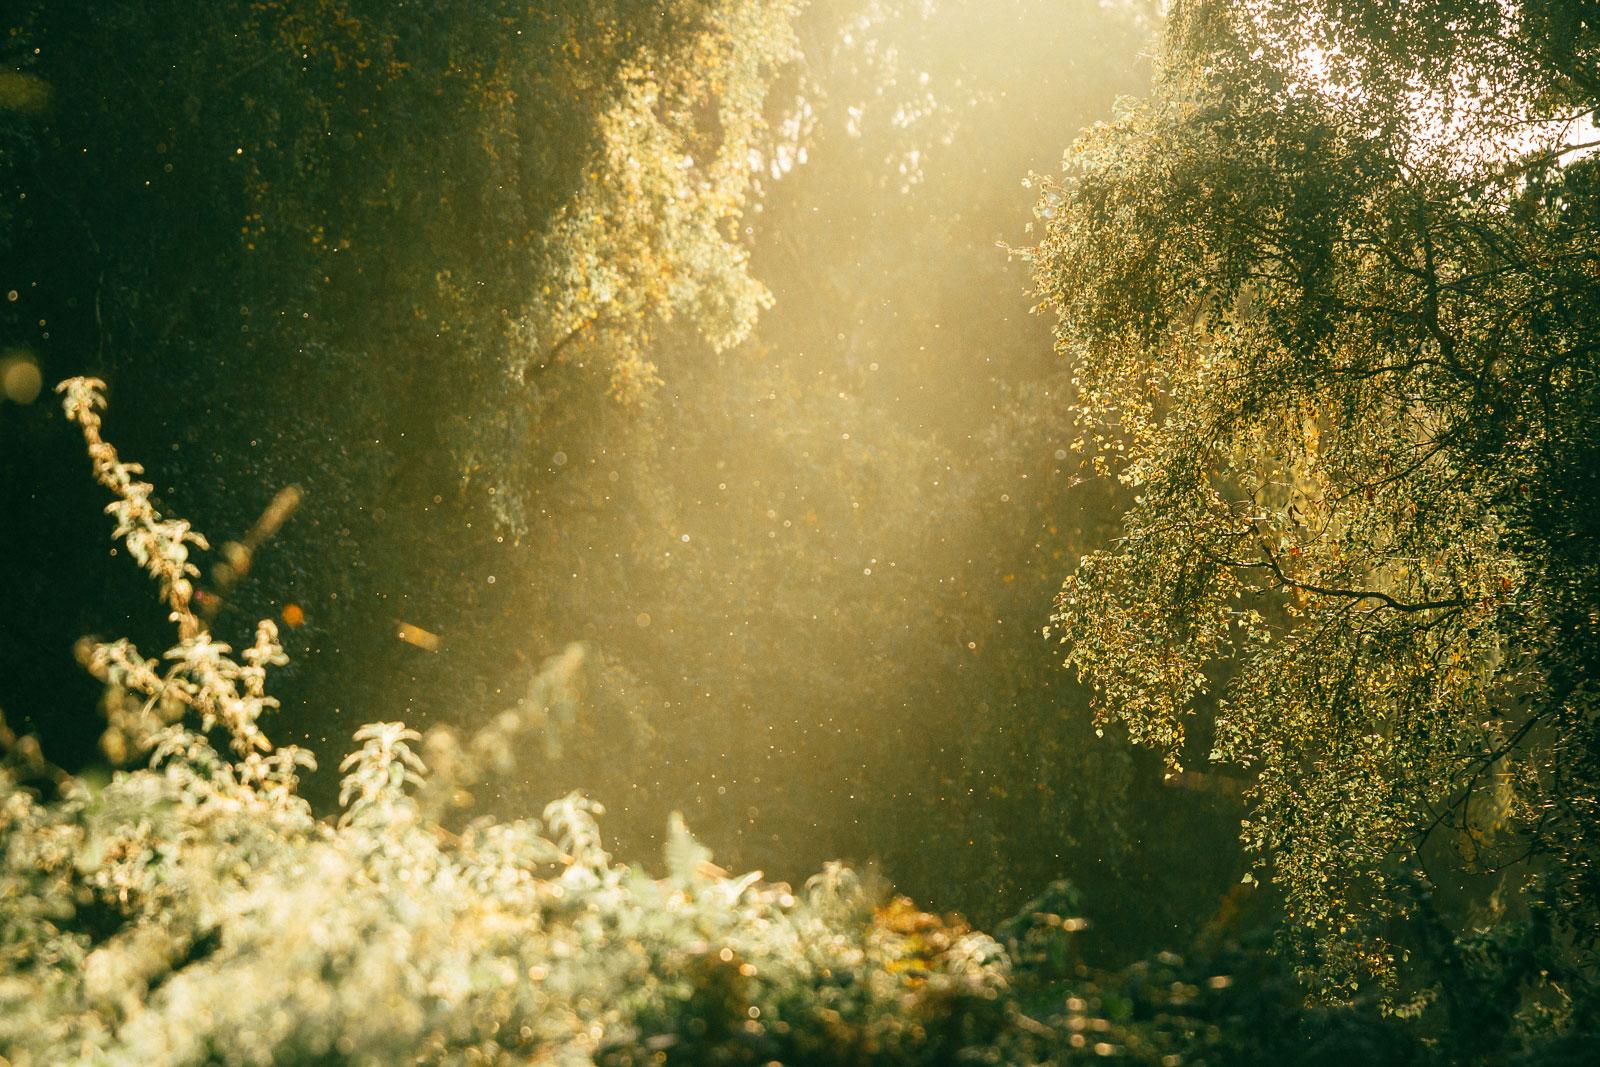 Holme Fen shaft of light on ferns, forest, trees